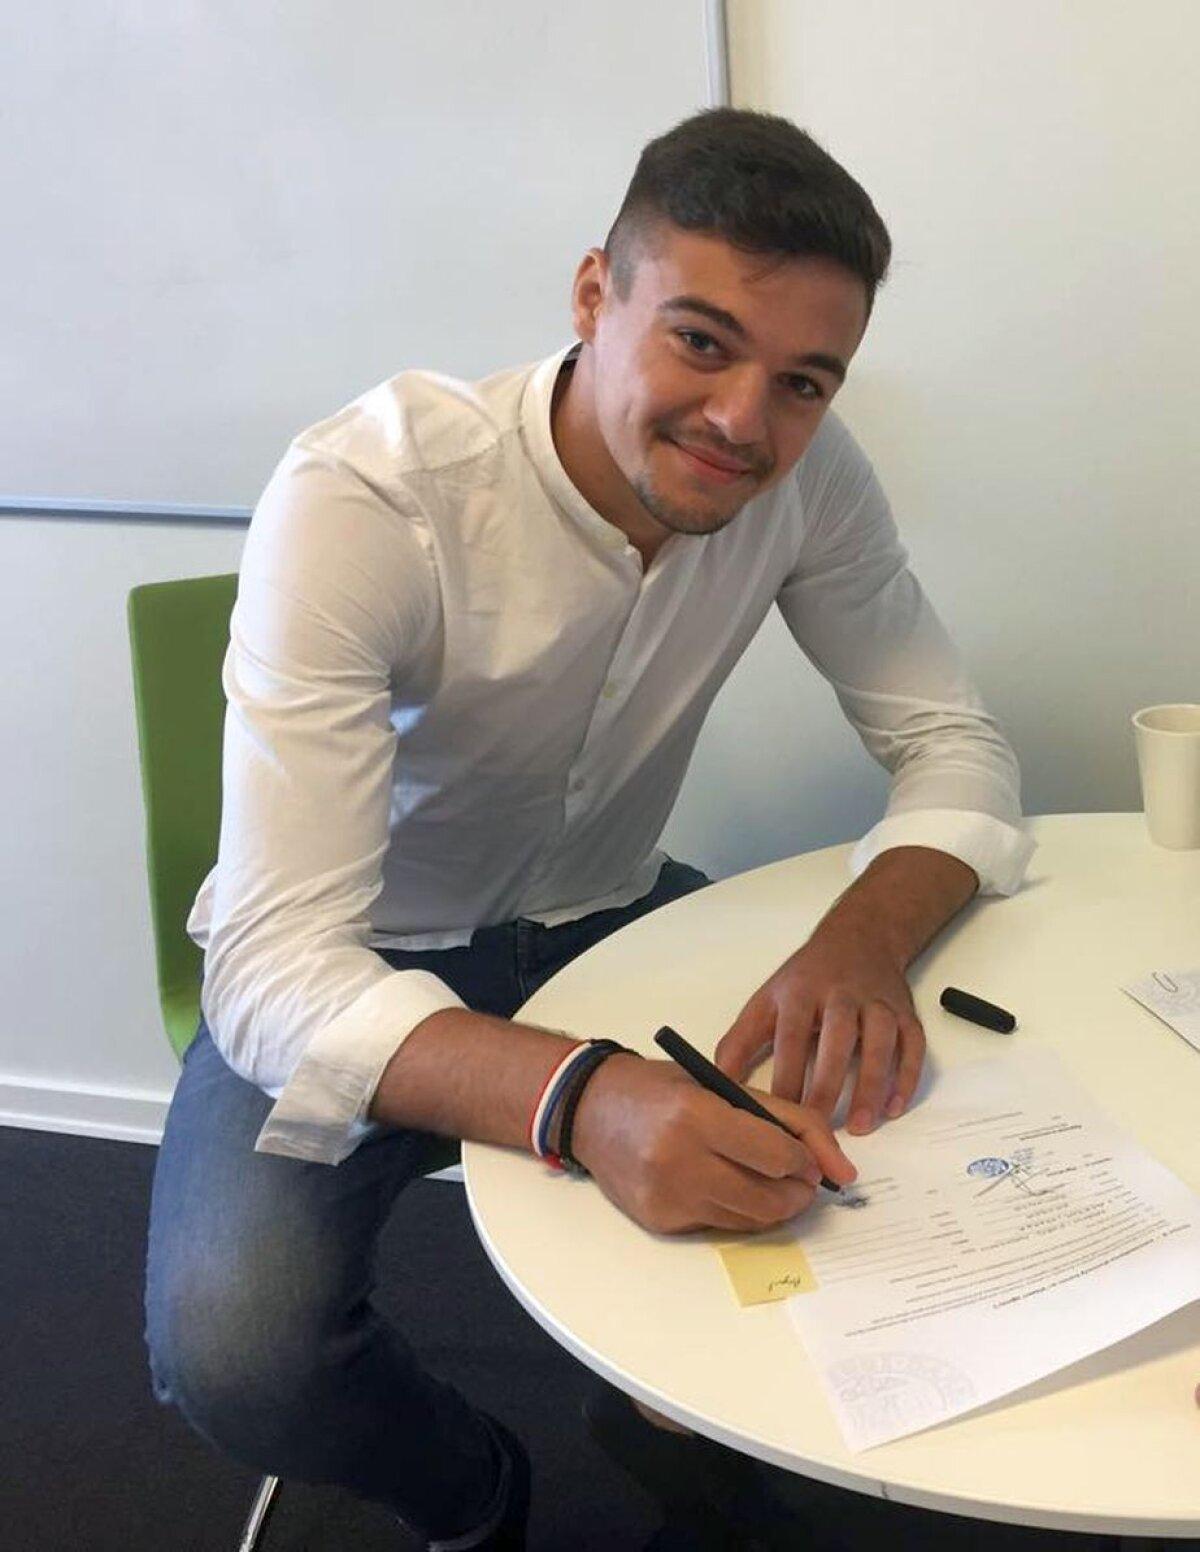 OFICIAL Dorit de FCSB, jucătorul a mers în Danemarca » A semnat un contract pe 4 ani și clubul a încasat o sumă record